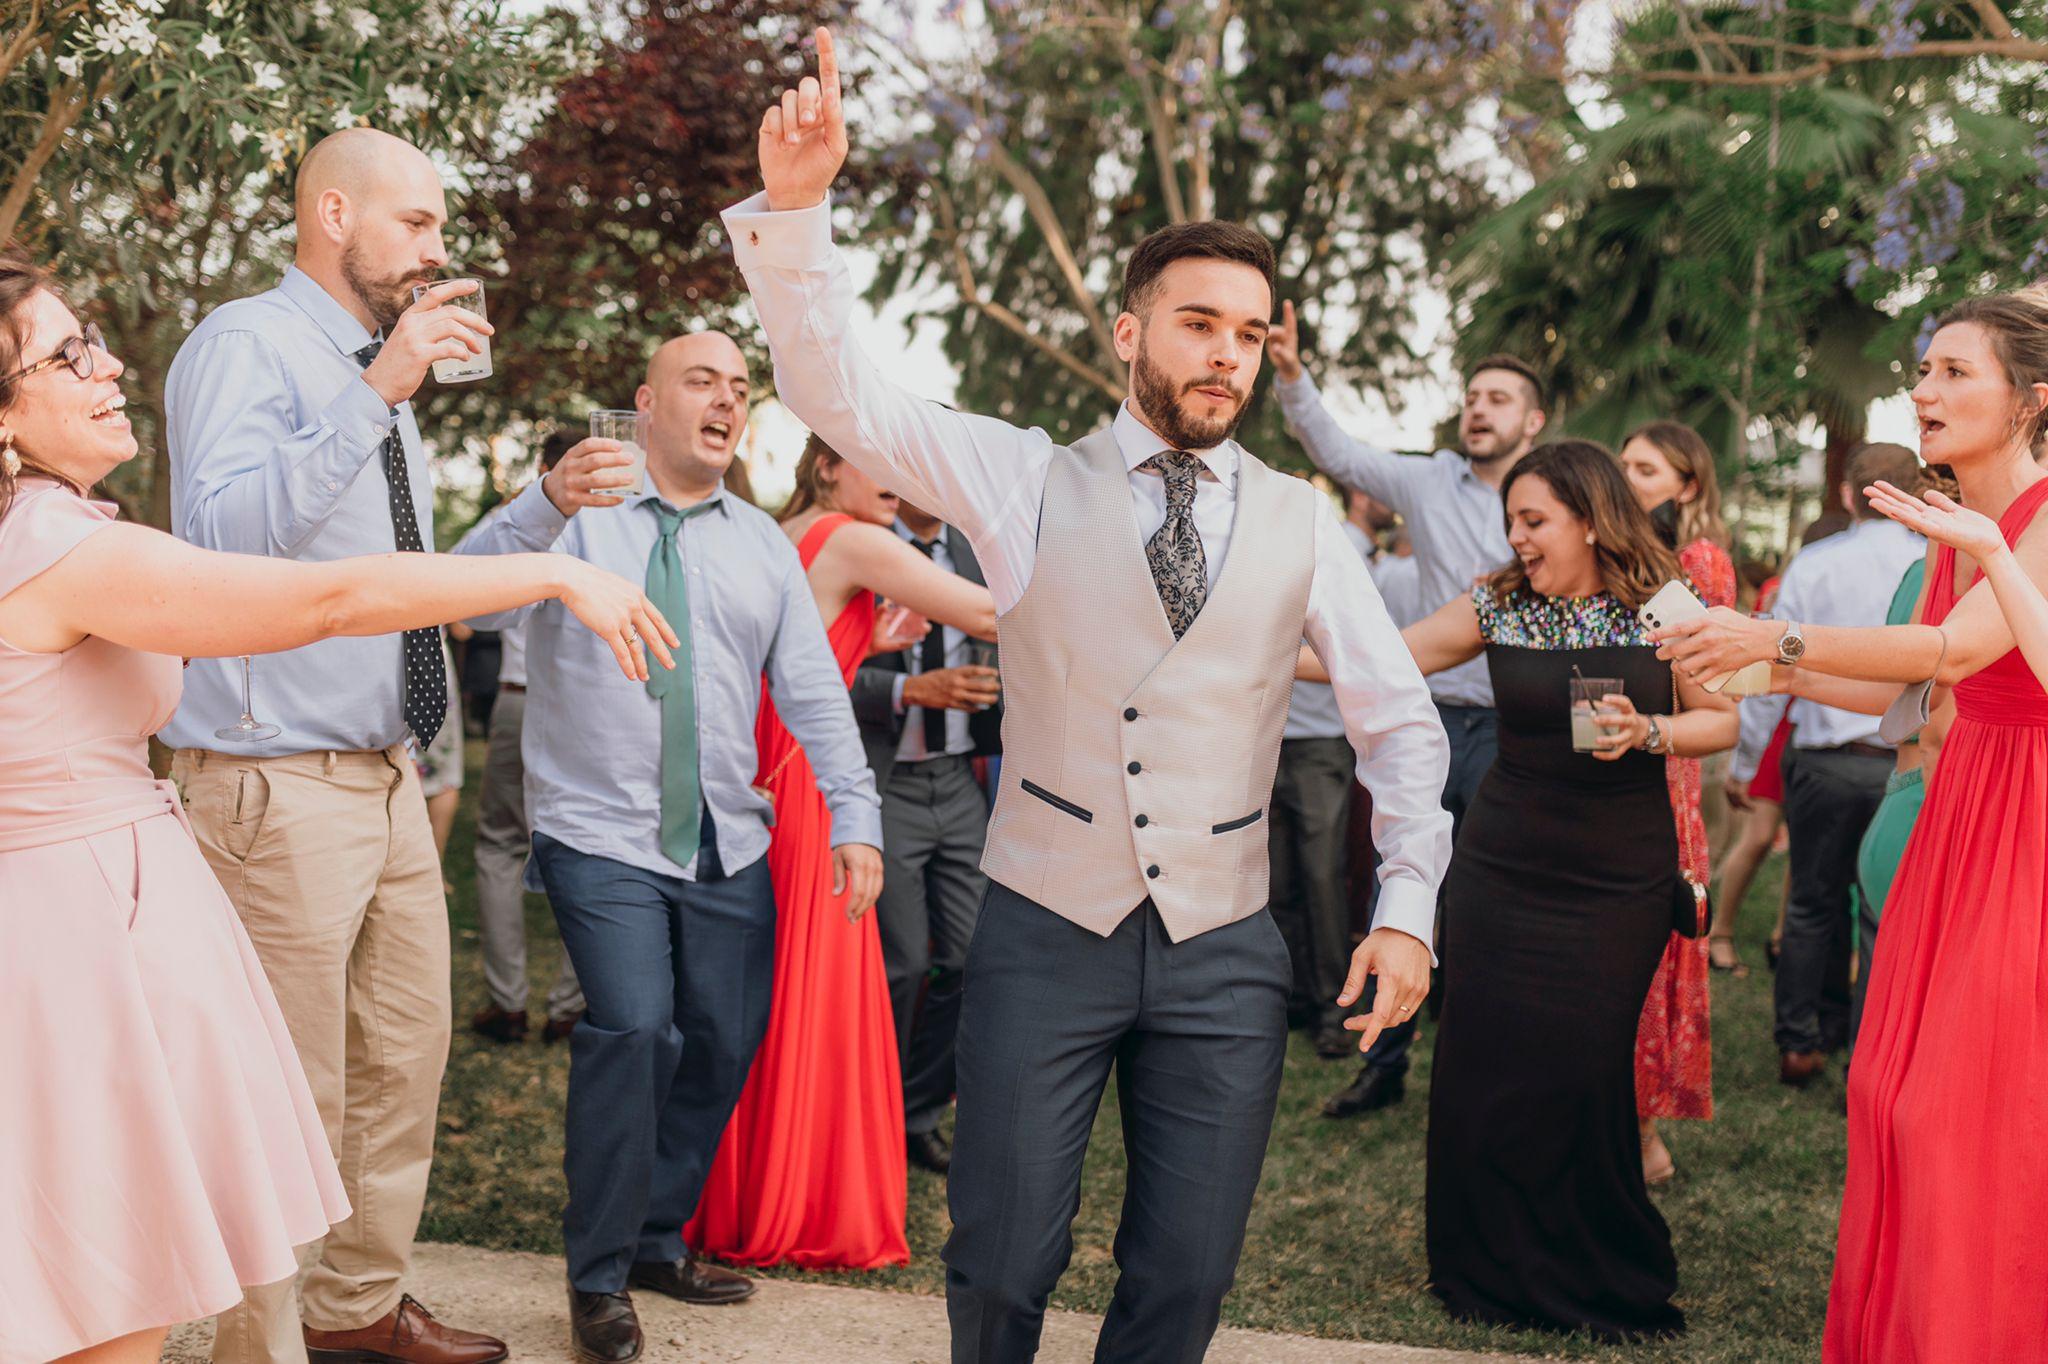 Joan baila entre los invitados y estos se muestran muy divertidos y contentos